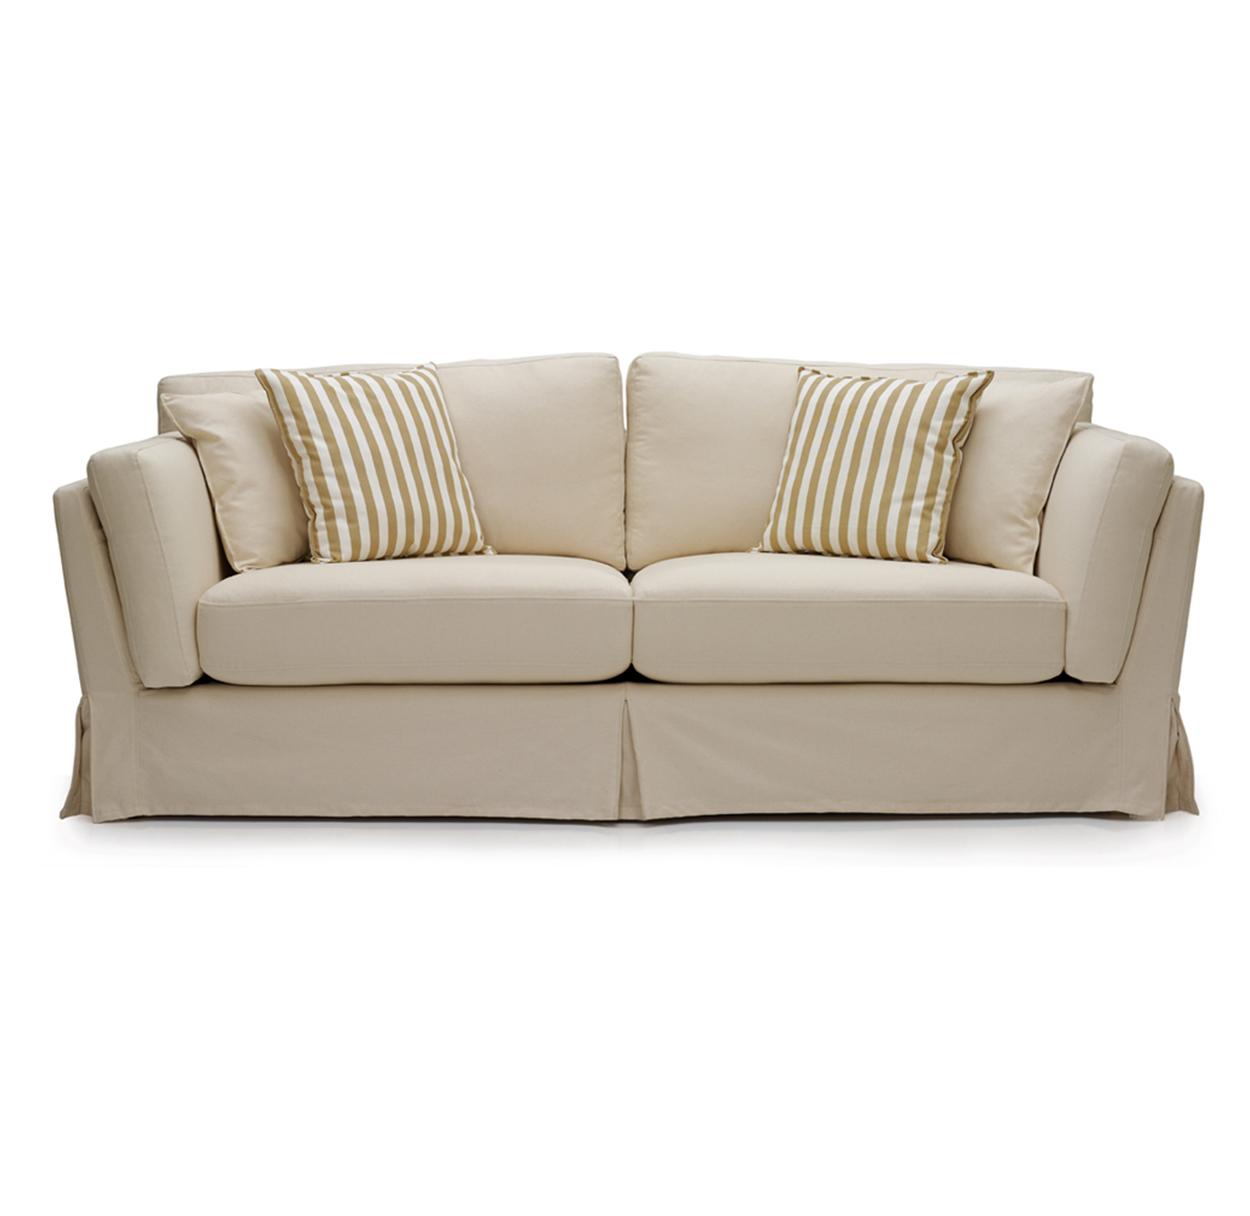 Lotus bankstel - Mulleman meubelen